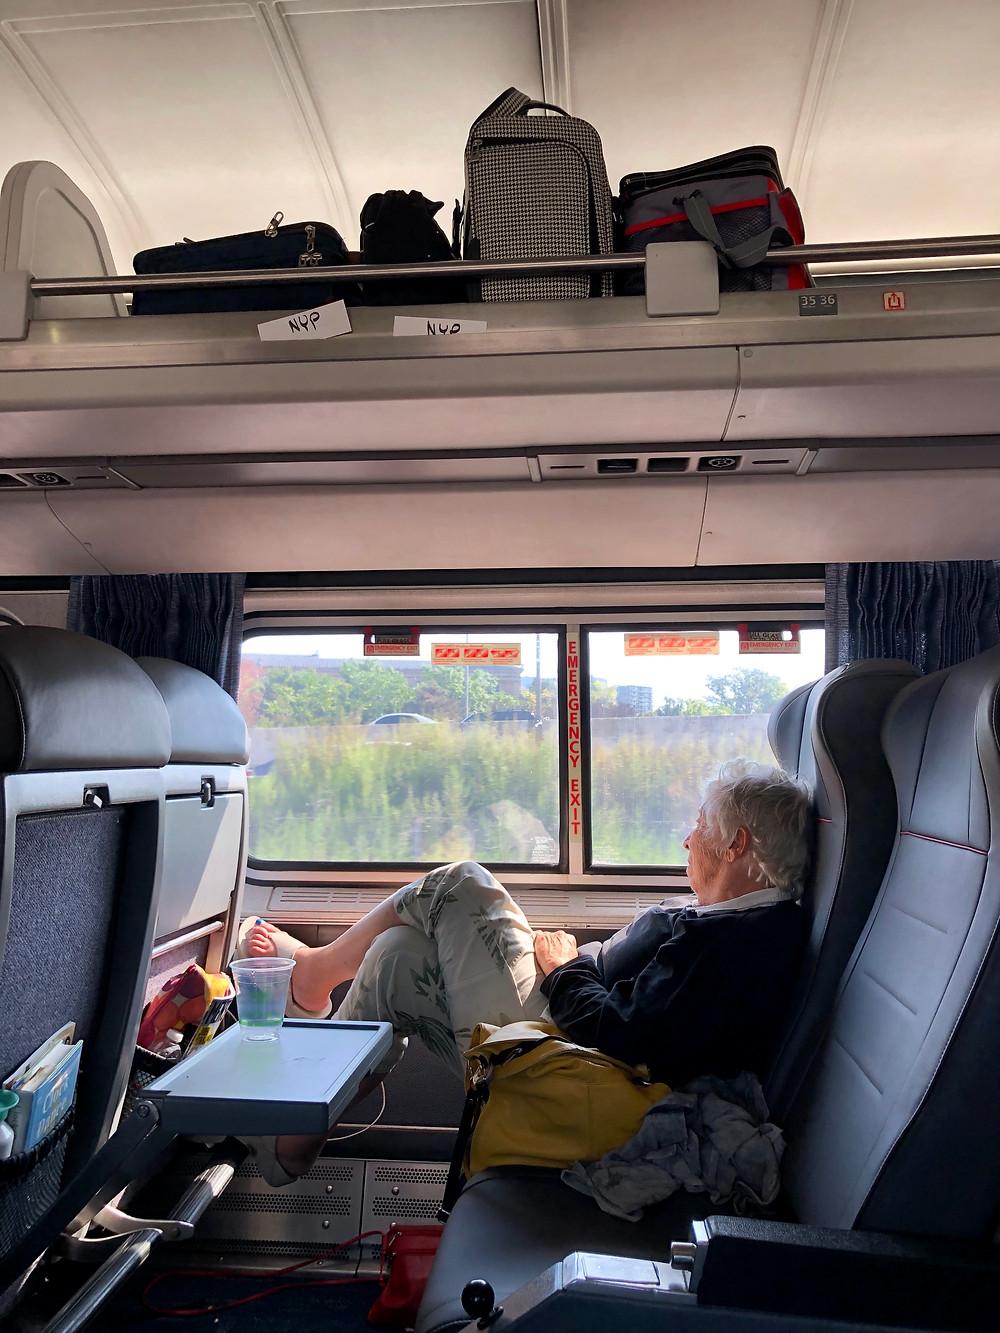 The author en route